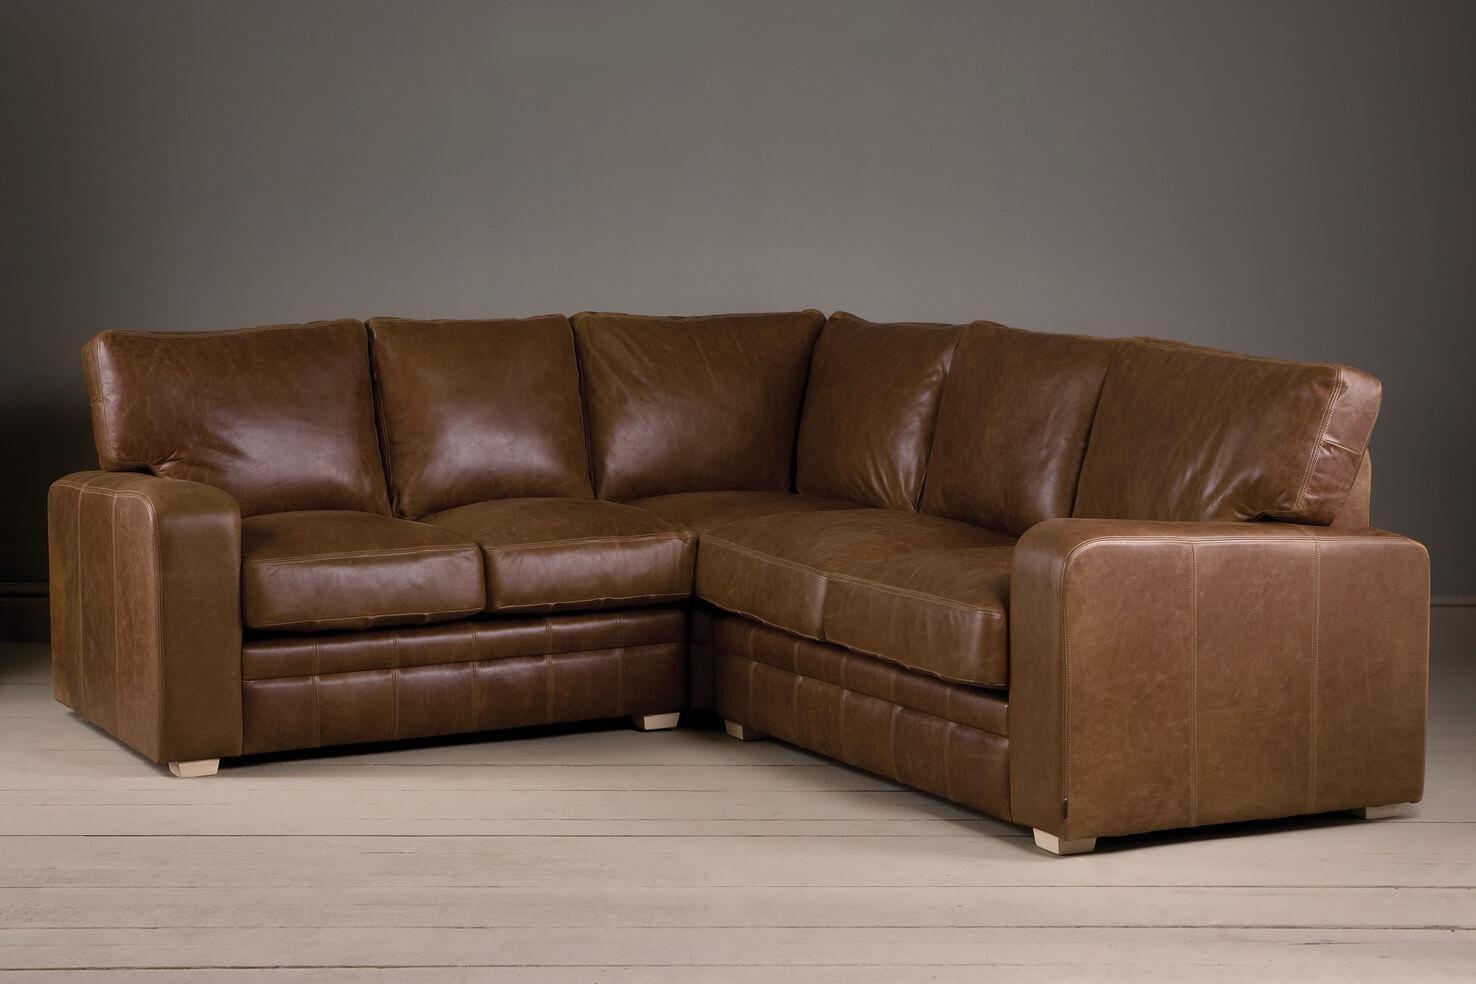 The Square Arm Leather Corner Sofaindigo Furniture Regarding Corner Sofas (Image 16 of 20)